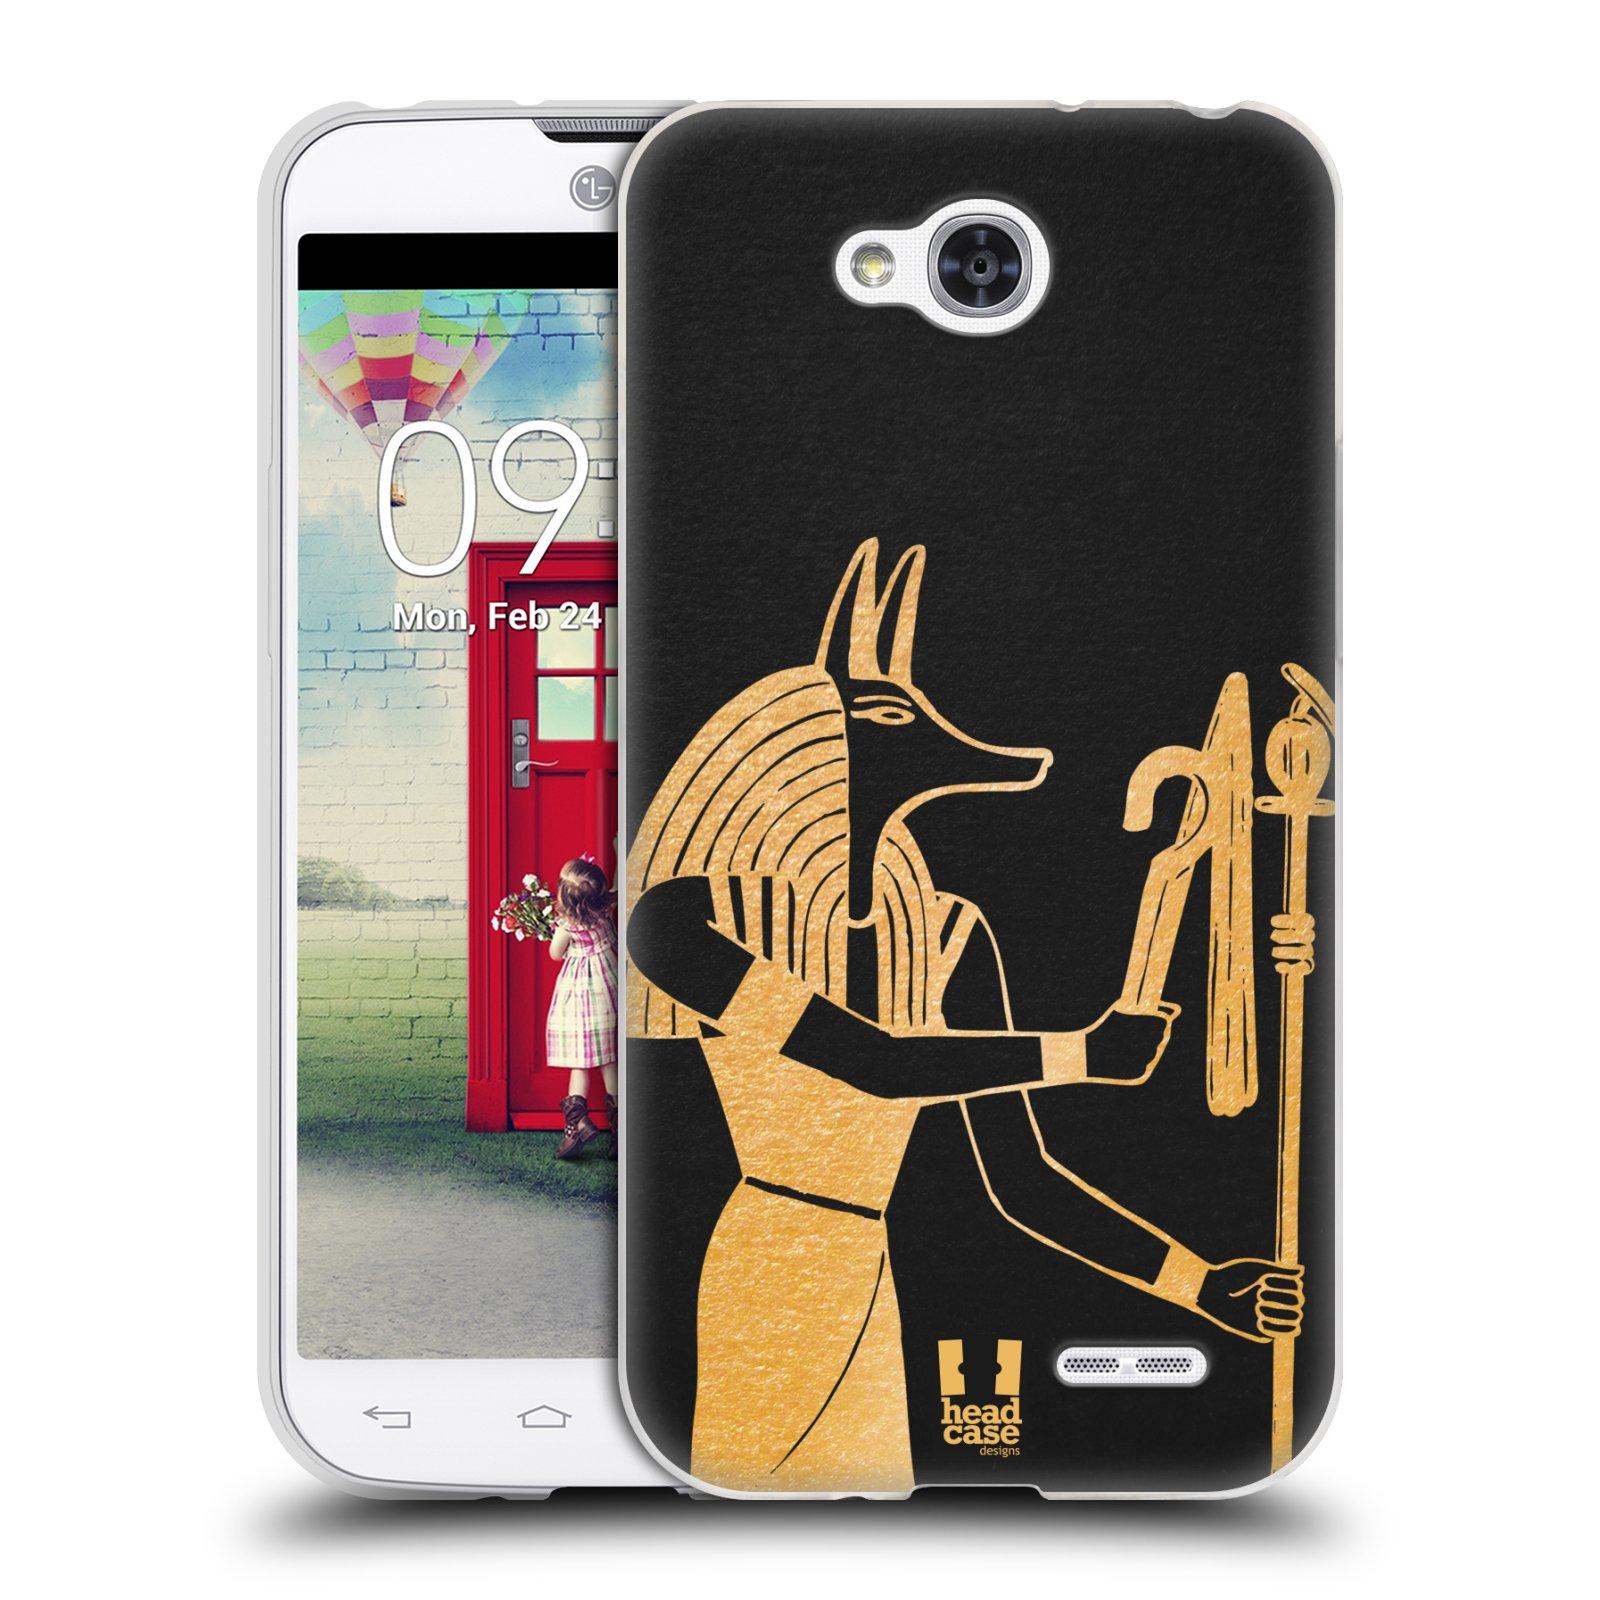 Silikonové pouzdro na mobil LG L90 HEAD CASE EGYPT ANUBIS (Silikonový kryt či obal na mobilní telefon LG L90 D405n)